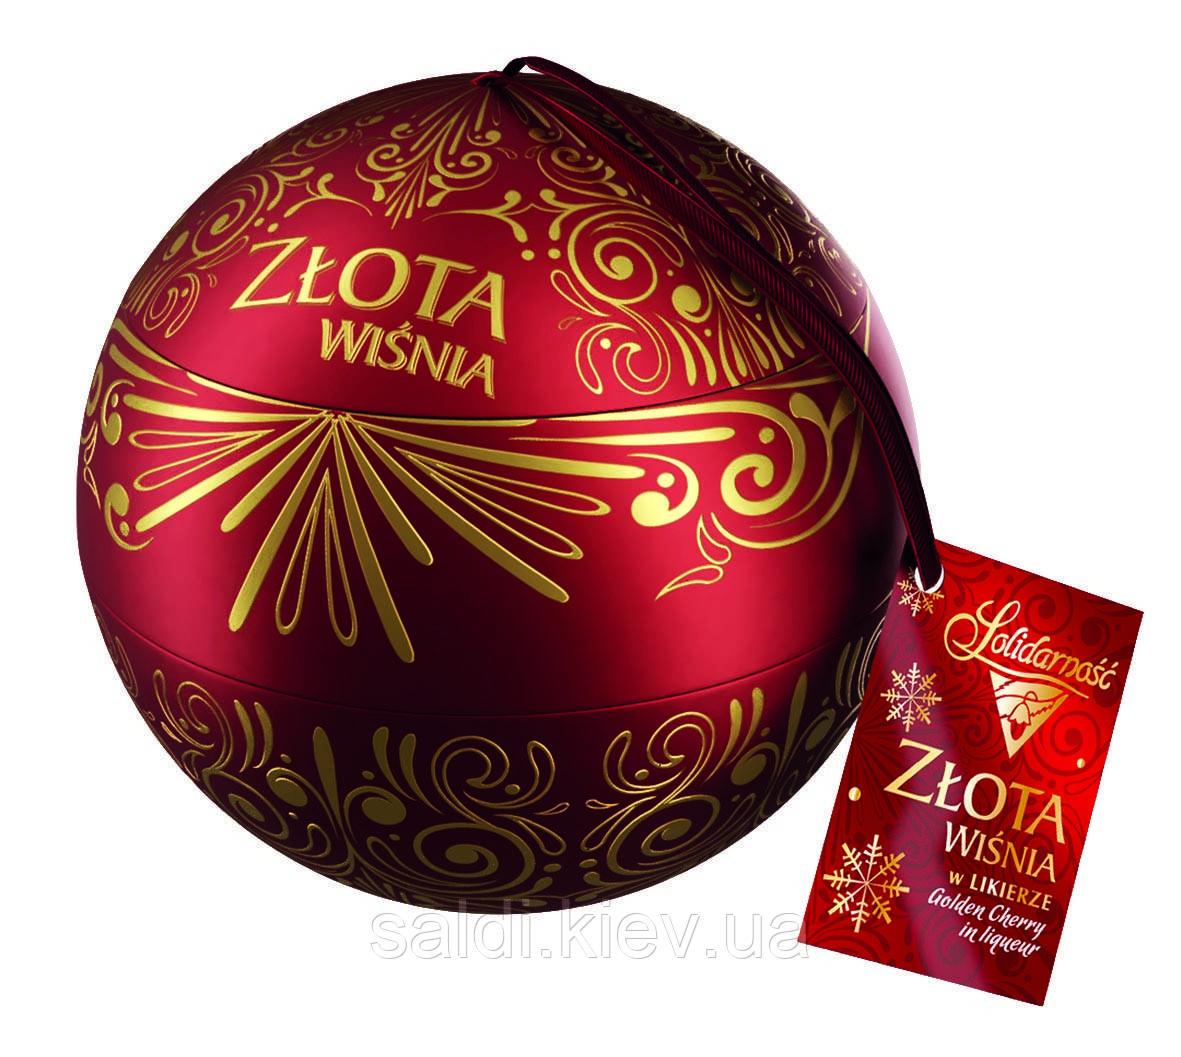 Шоколадные конфеты Zlota Wisnia Goplana в елочном шаре (вишня в шоколаде)190 гр